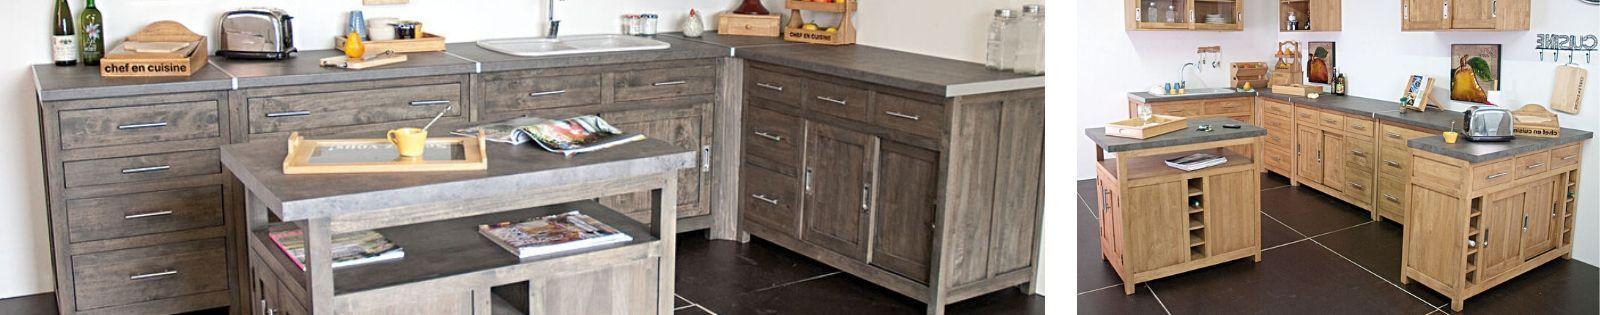 Meubles de cuisine en bois massif de qualité. Haut de gamme. Lotuséa